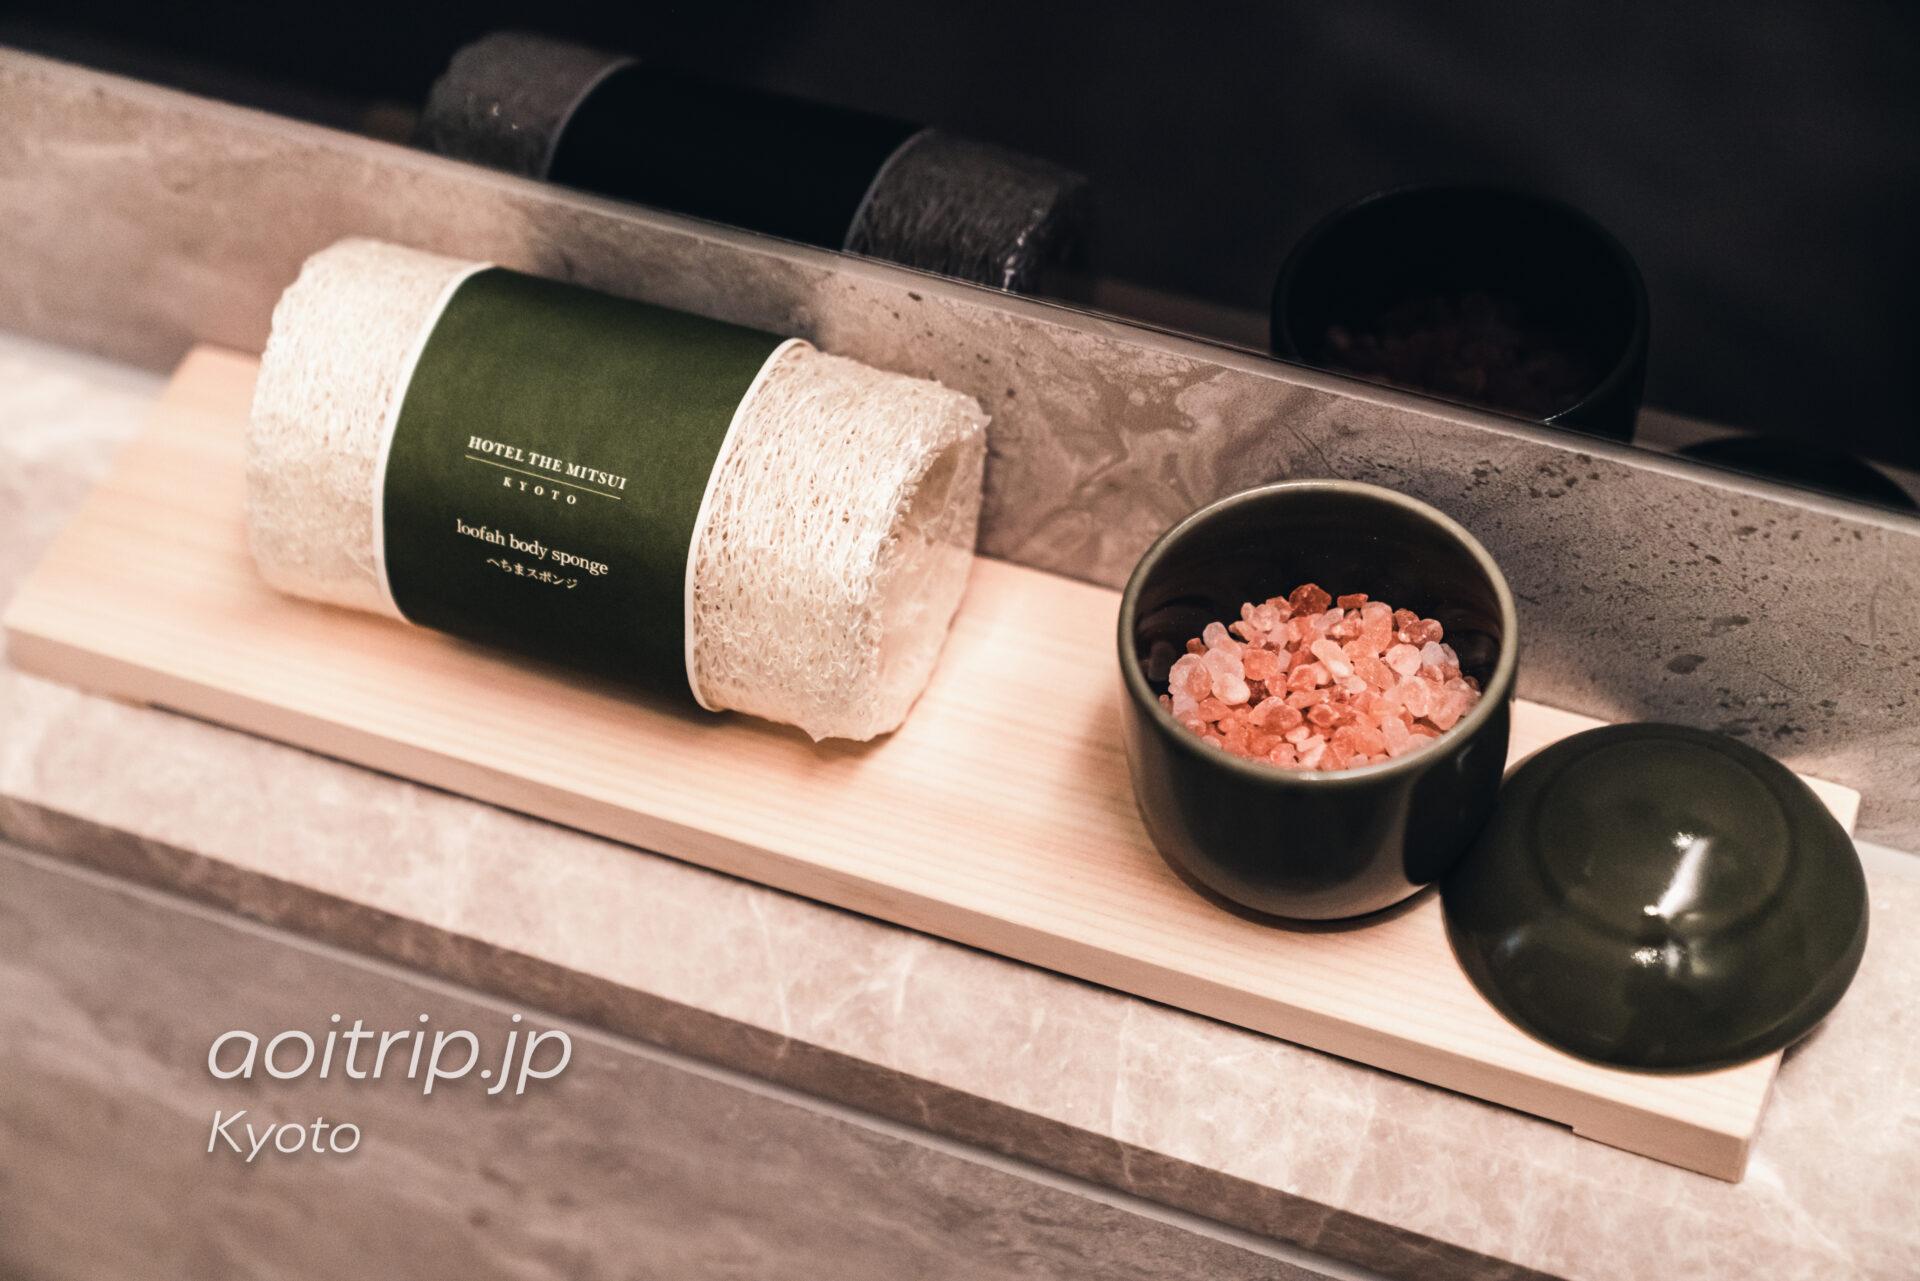 HOTEL THE MITSUI KYOTO デラックススイートのバスソルトとヘチマスポンジ